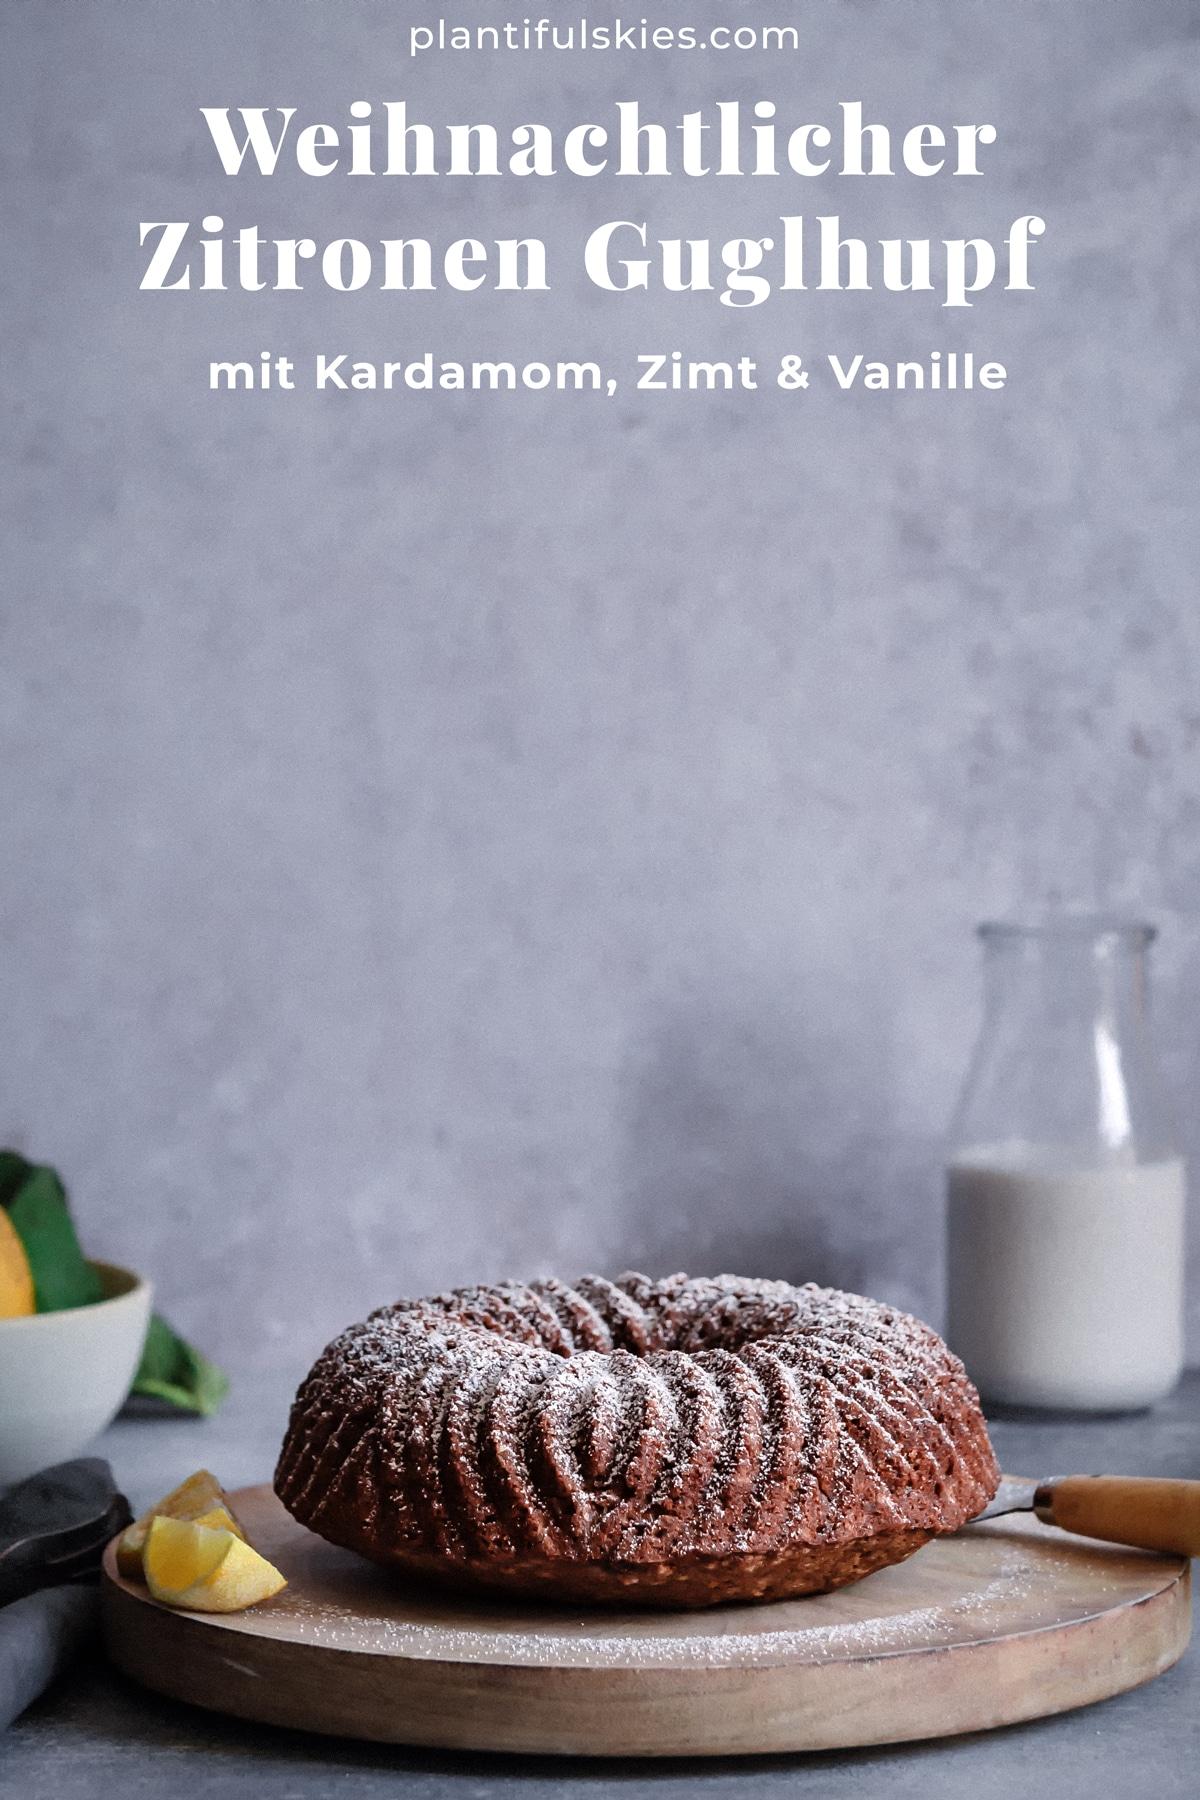 Einfaches Zitronenkuchen Rezept. Super saftig, auch glutenfrei. Gesund und vegan. #happymoodfood #veganbacken #advent #gesundbacken